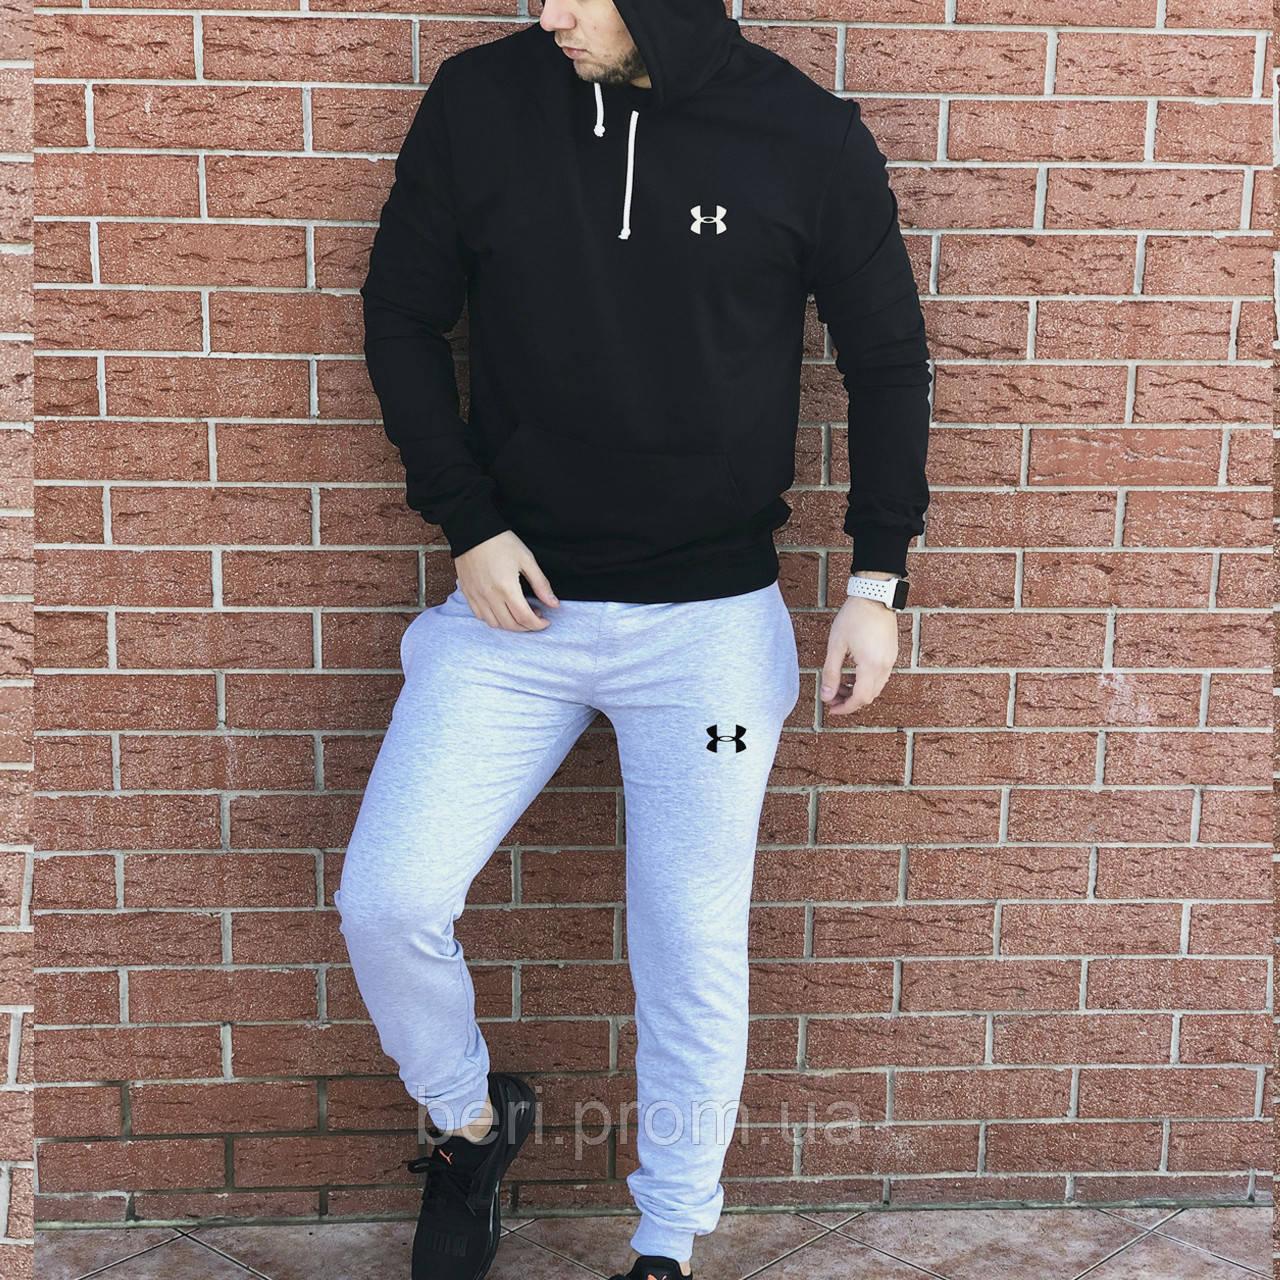 КАЧЕСТВО! UNDER ARMOUR | Мужской спортивный костюм. Чоловічий спортивний костюм | АНДЕР АРМОР (Черно-Серый)